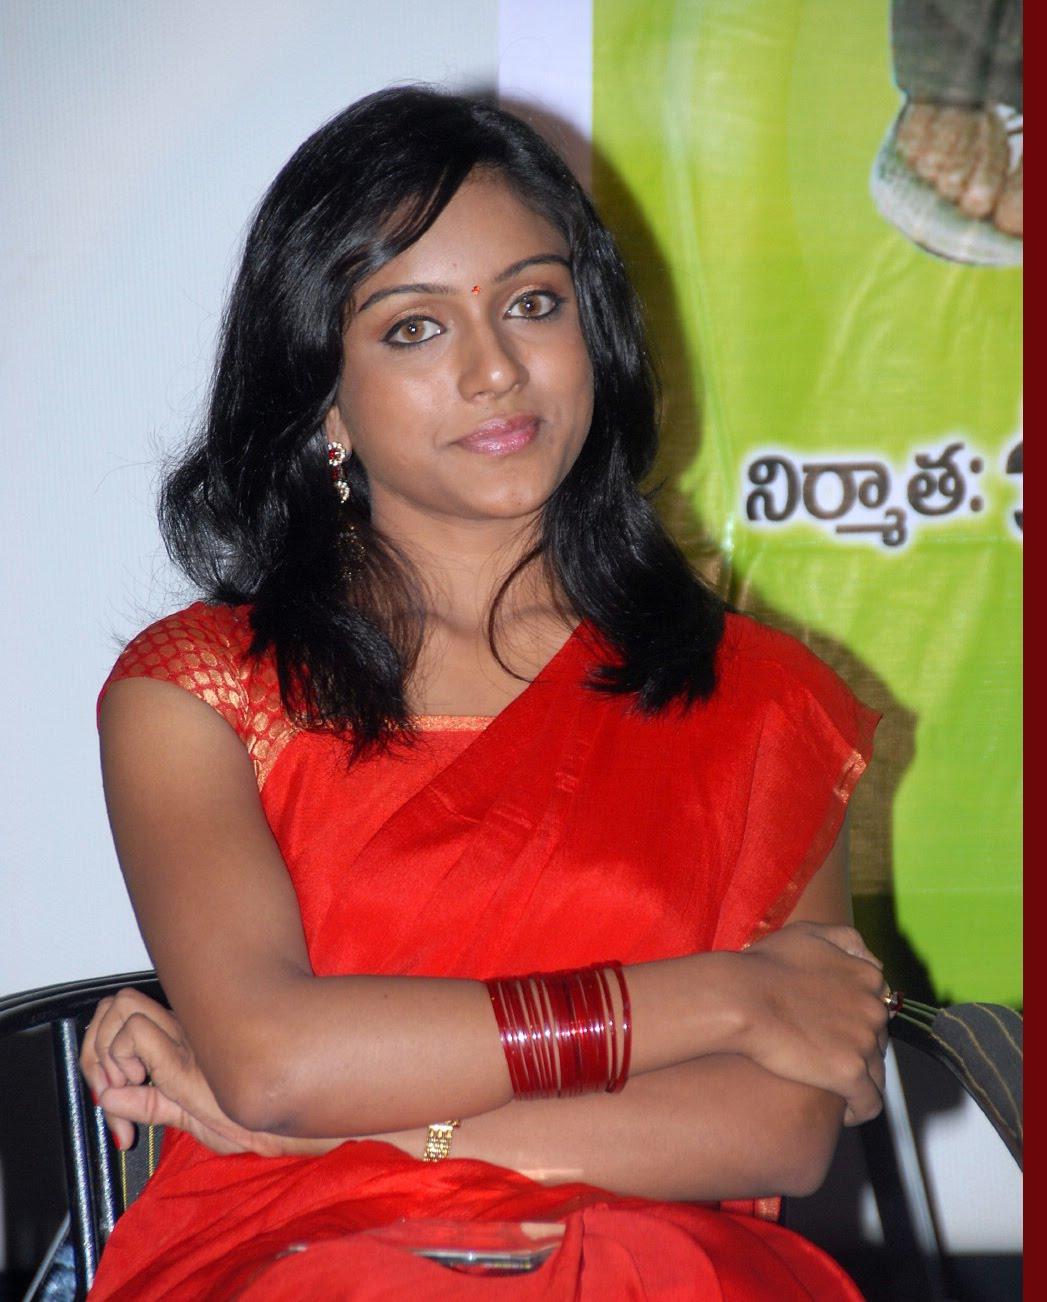 vitika telugu actress in saree images